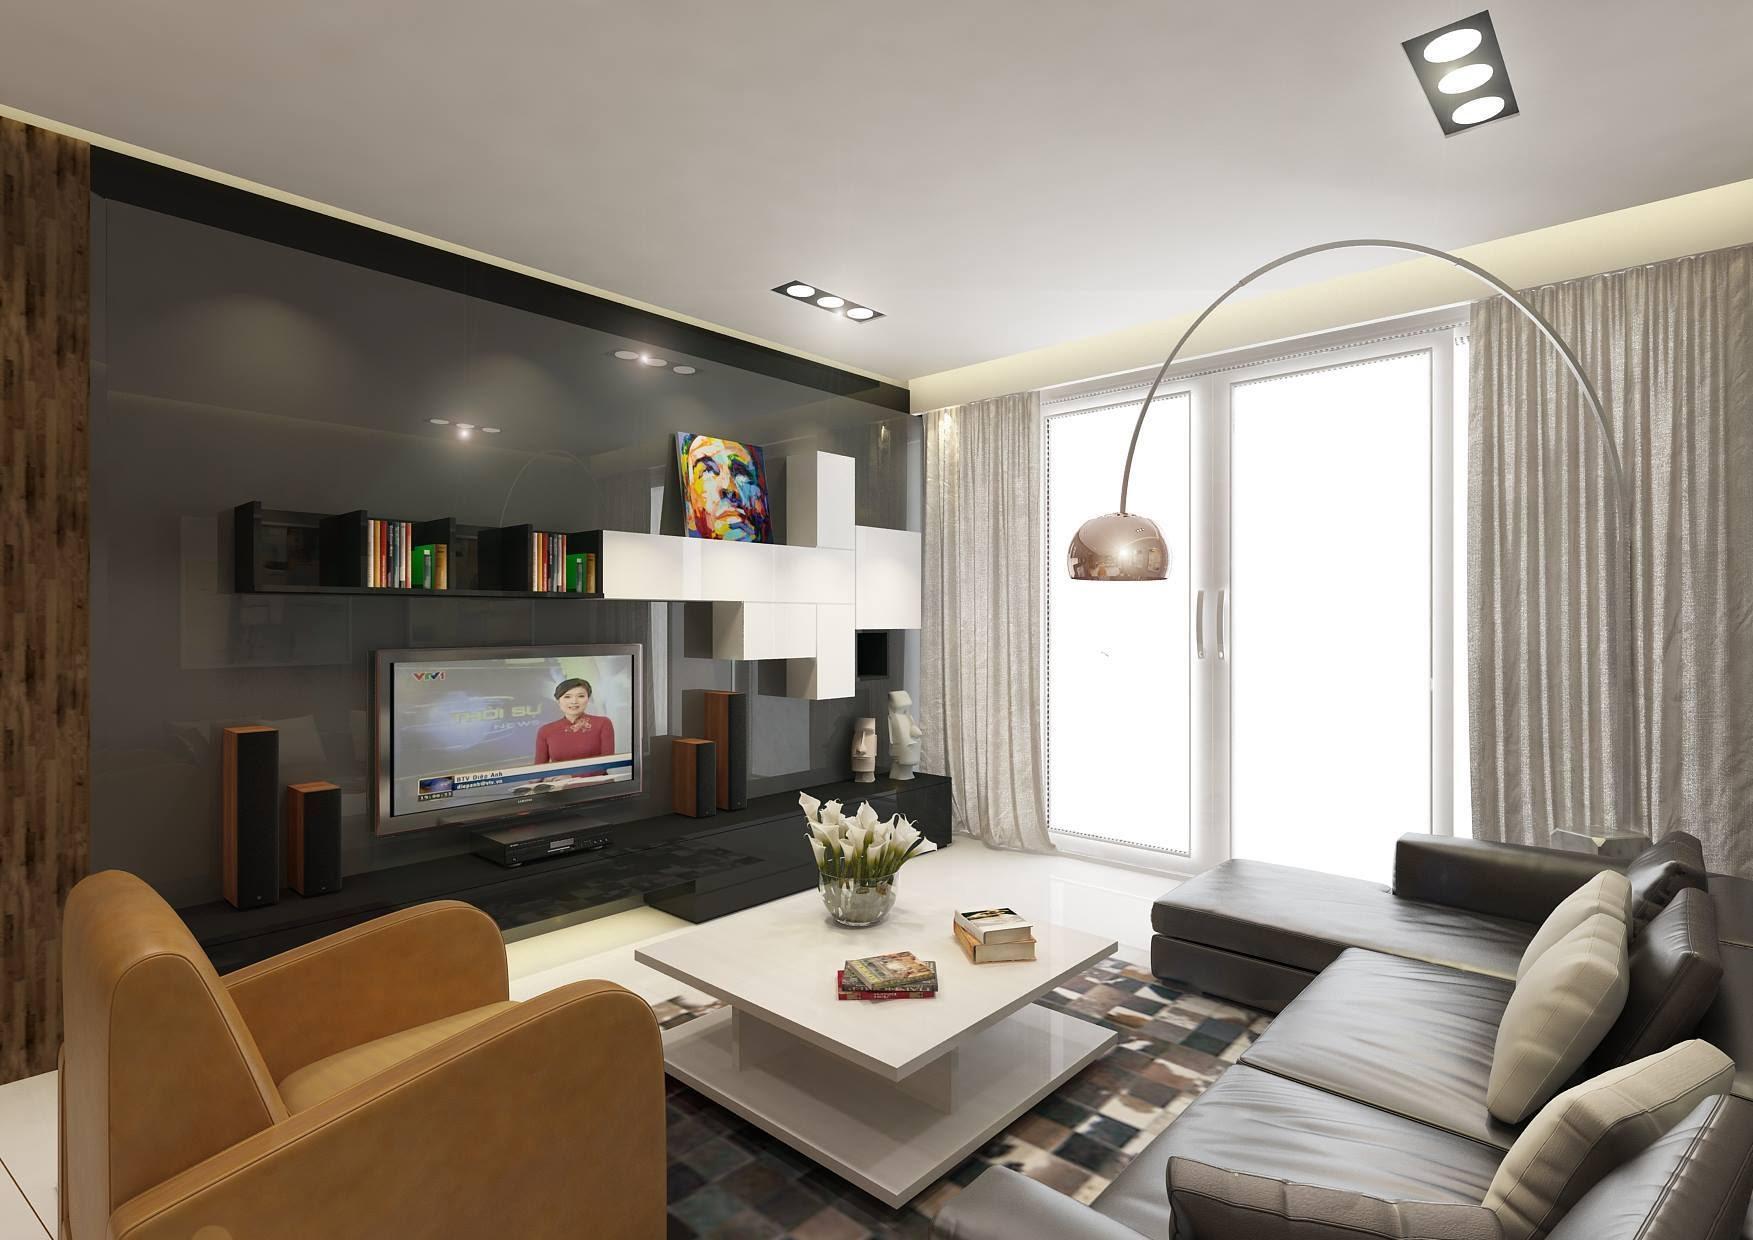 dịch vụ thiết kế nội thất chung cư giá rẻ tại Hà Nội